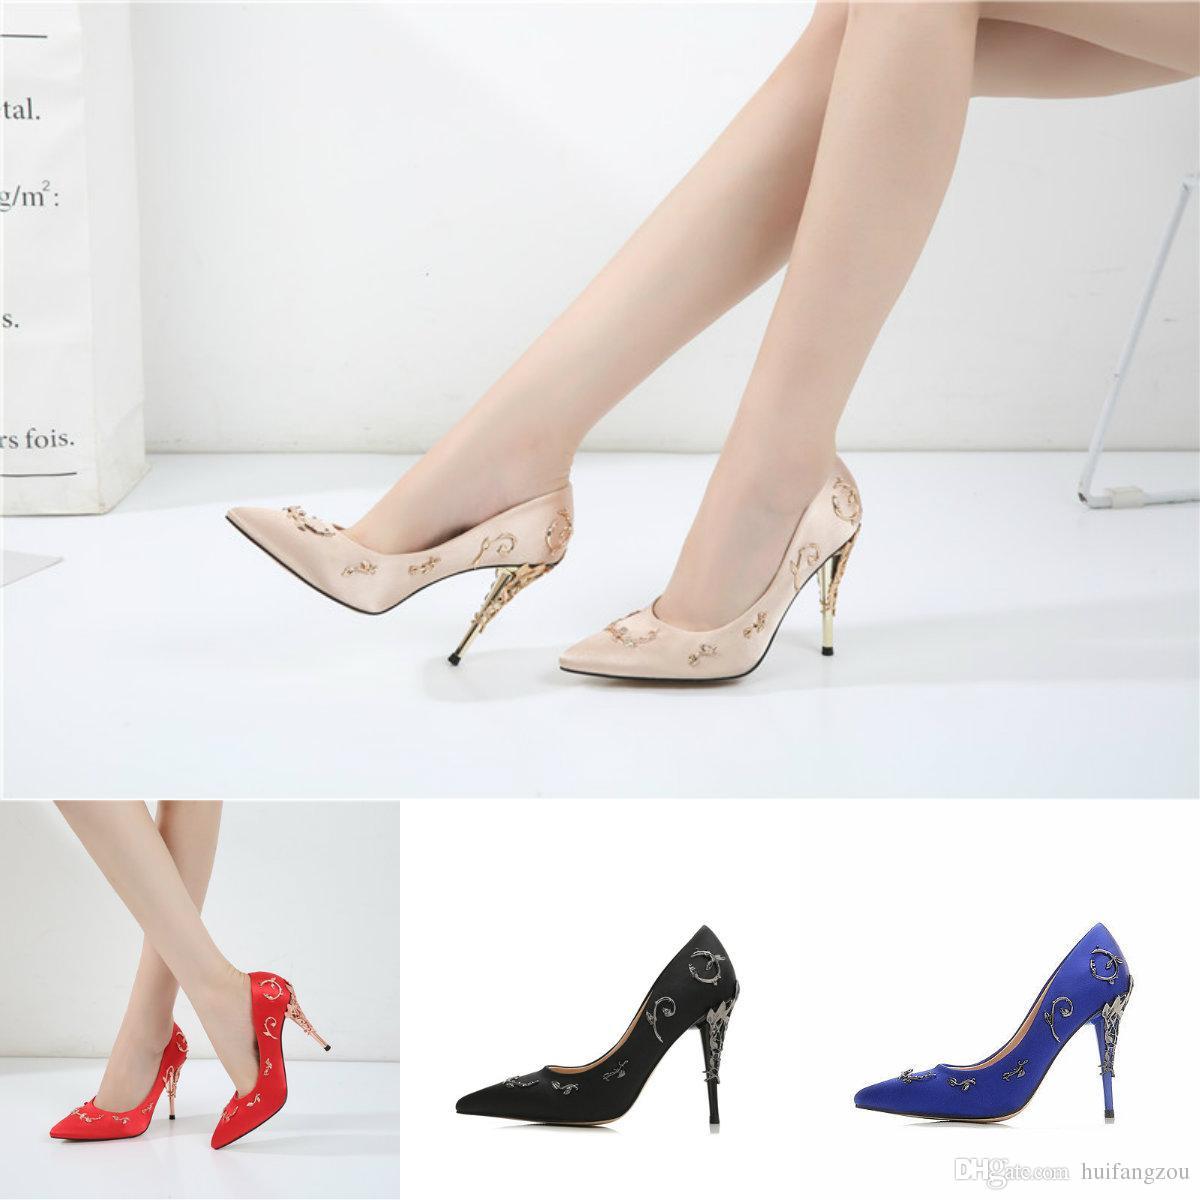 bff0d1cc4 Sandalia Gladiadora Venda Quente Confortável Designer De Casamento Sapatos  De Noiva Sapatos De Salto Alto Para Eventos De Casamento À Noite Festa De  ...